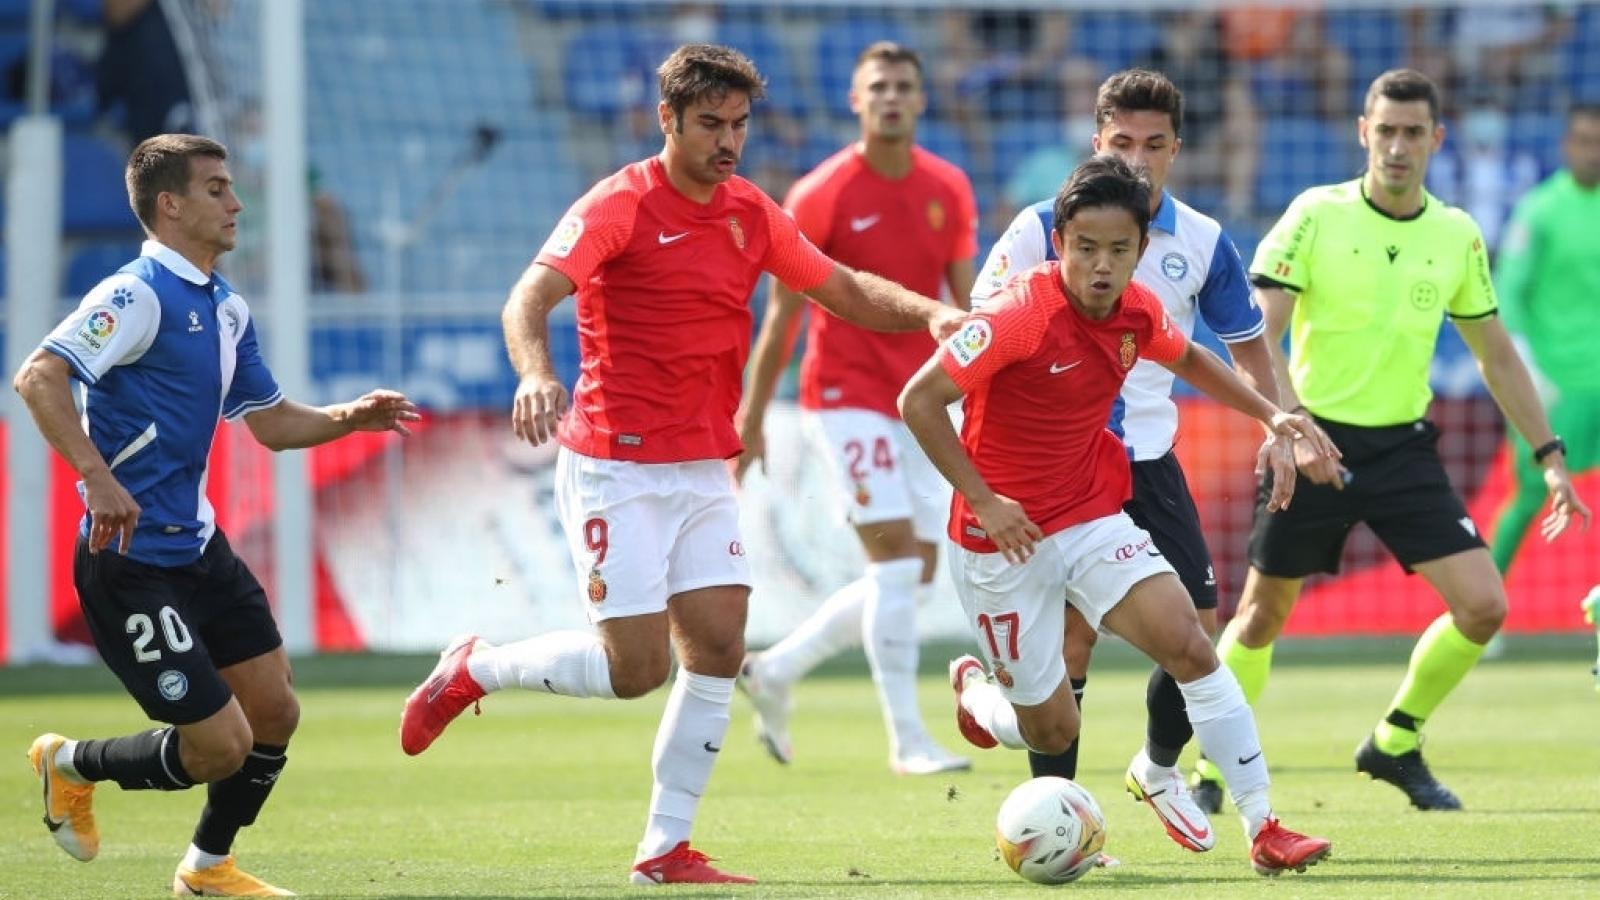 Bóng đá Nhật Bản dẫn đầu châu Á về số cầu thủ thi đấu tại châu Âu